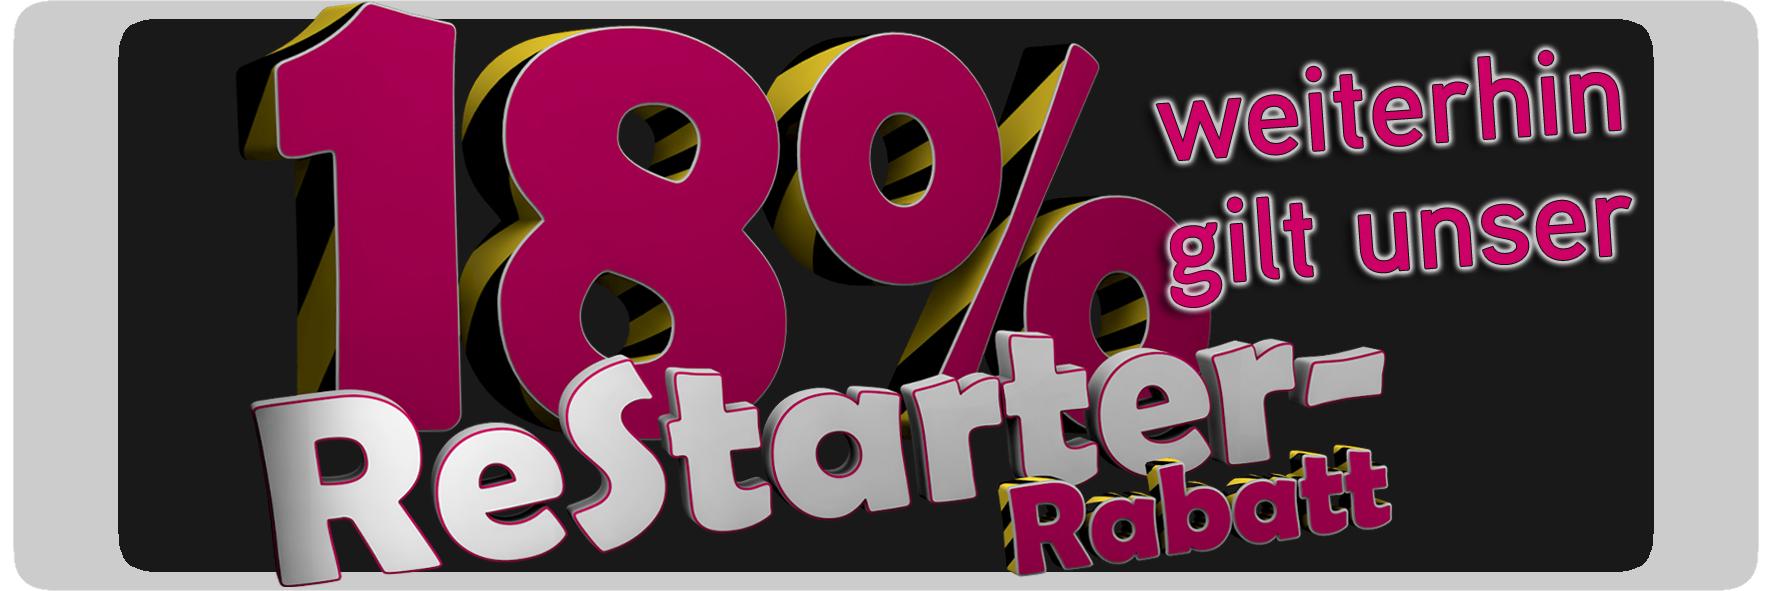 18% ReStarter